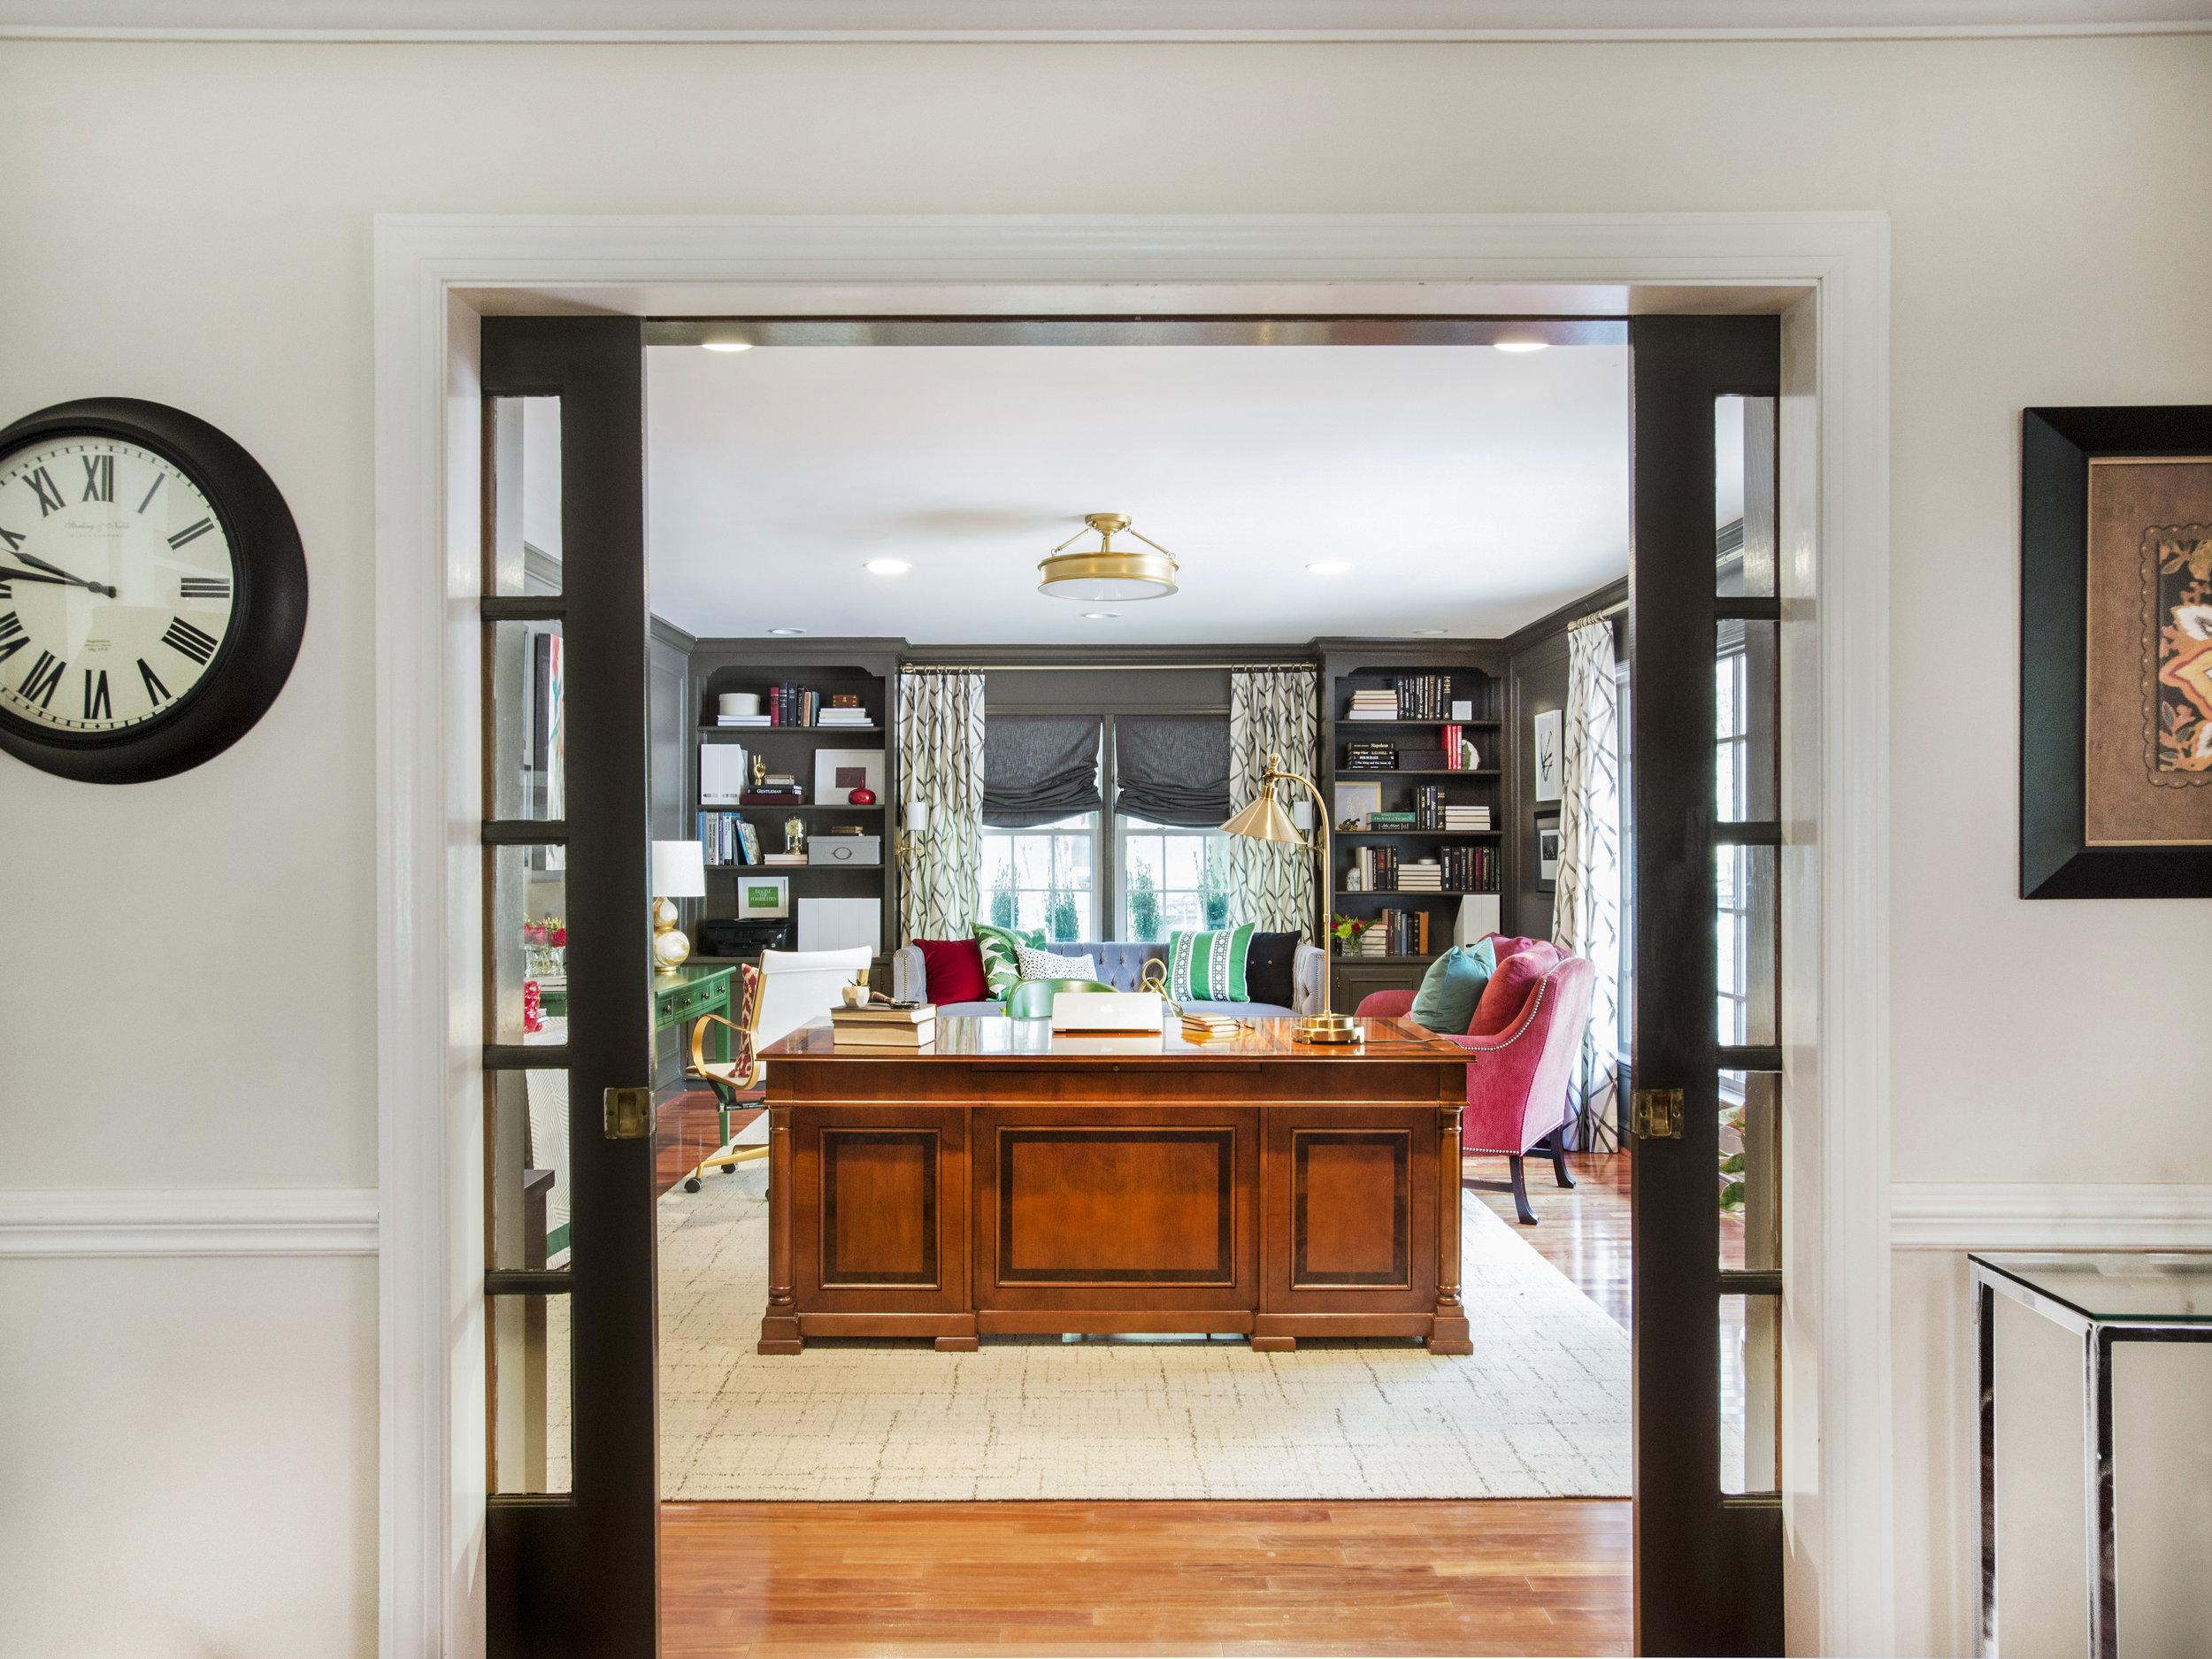 Donohoe-Office doors (1) (1).jpg